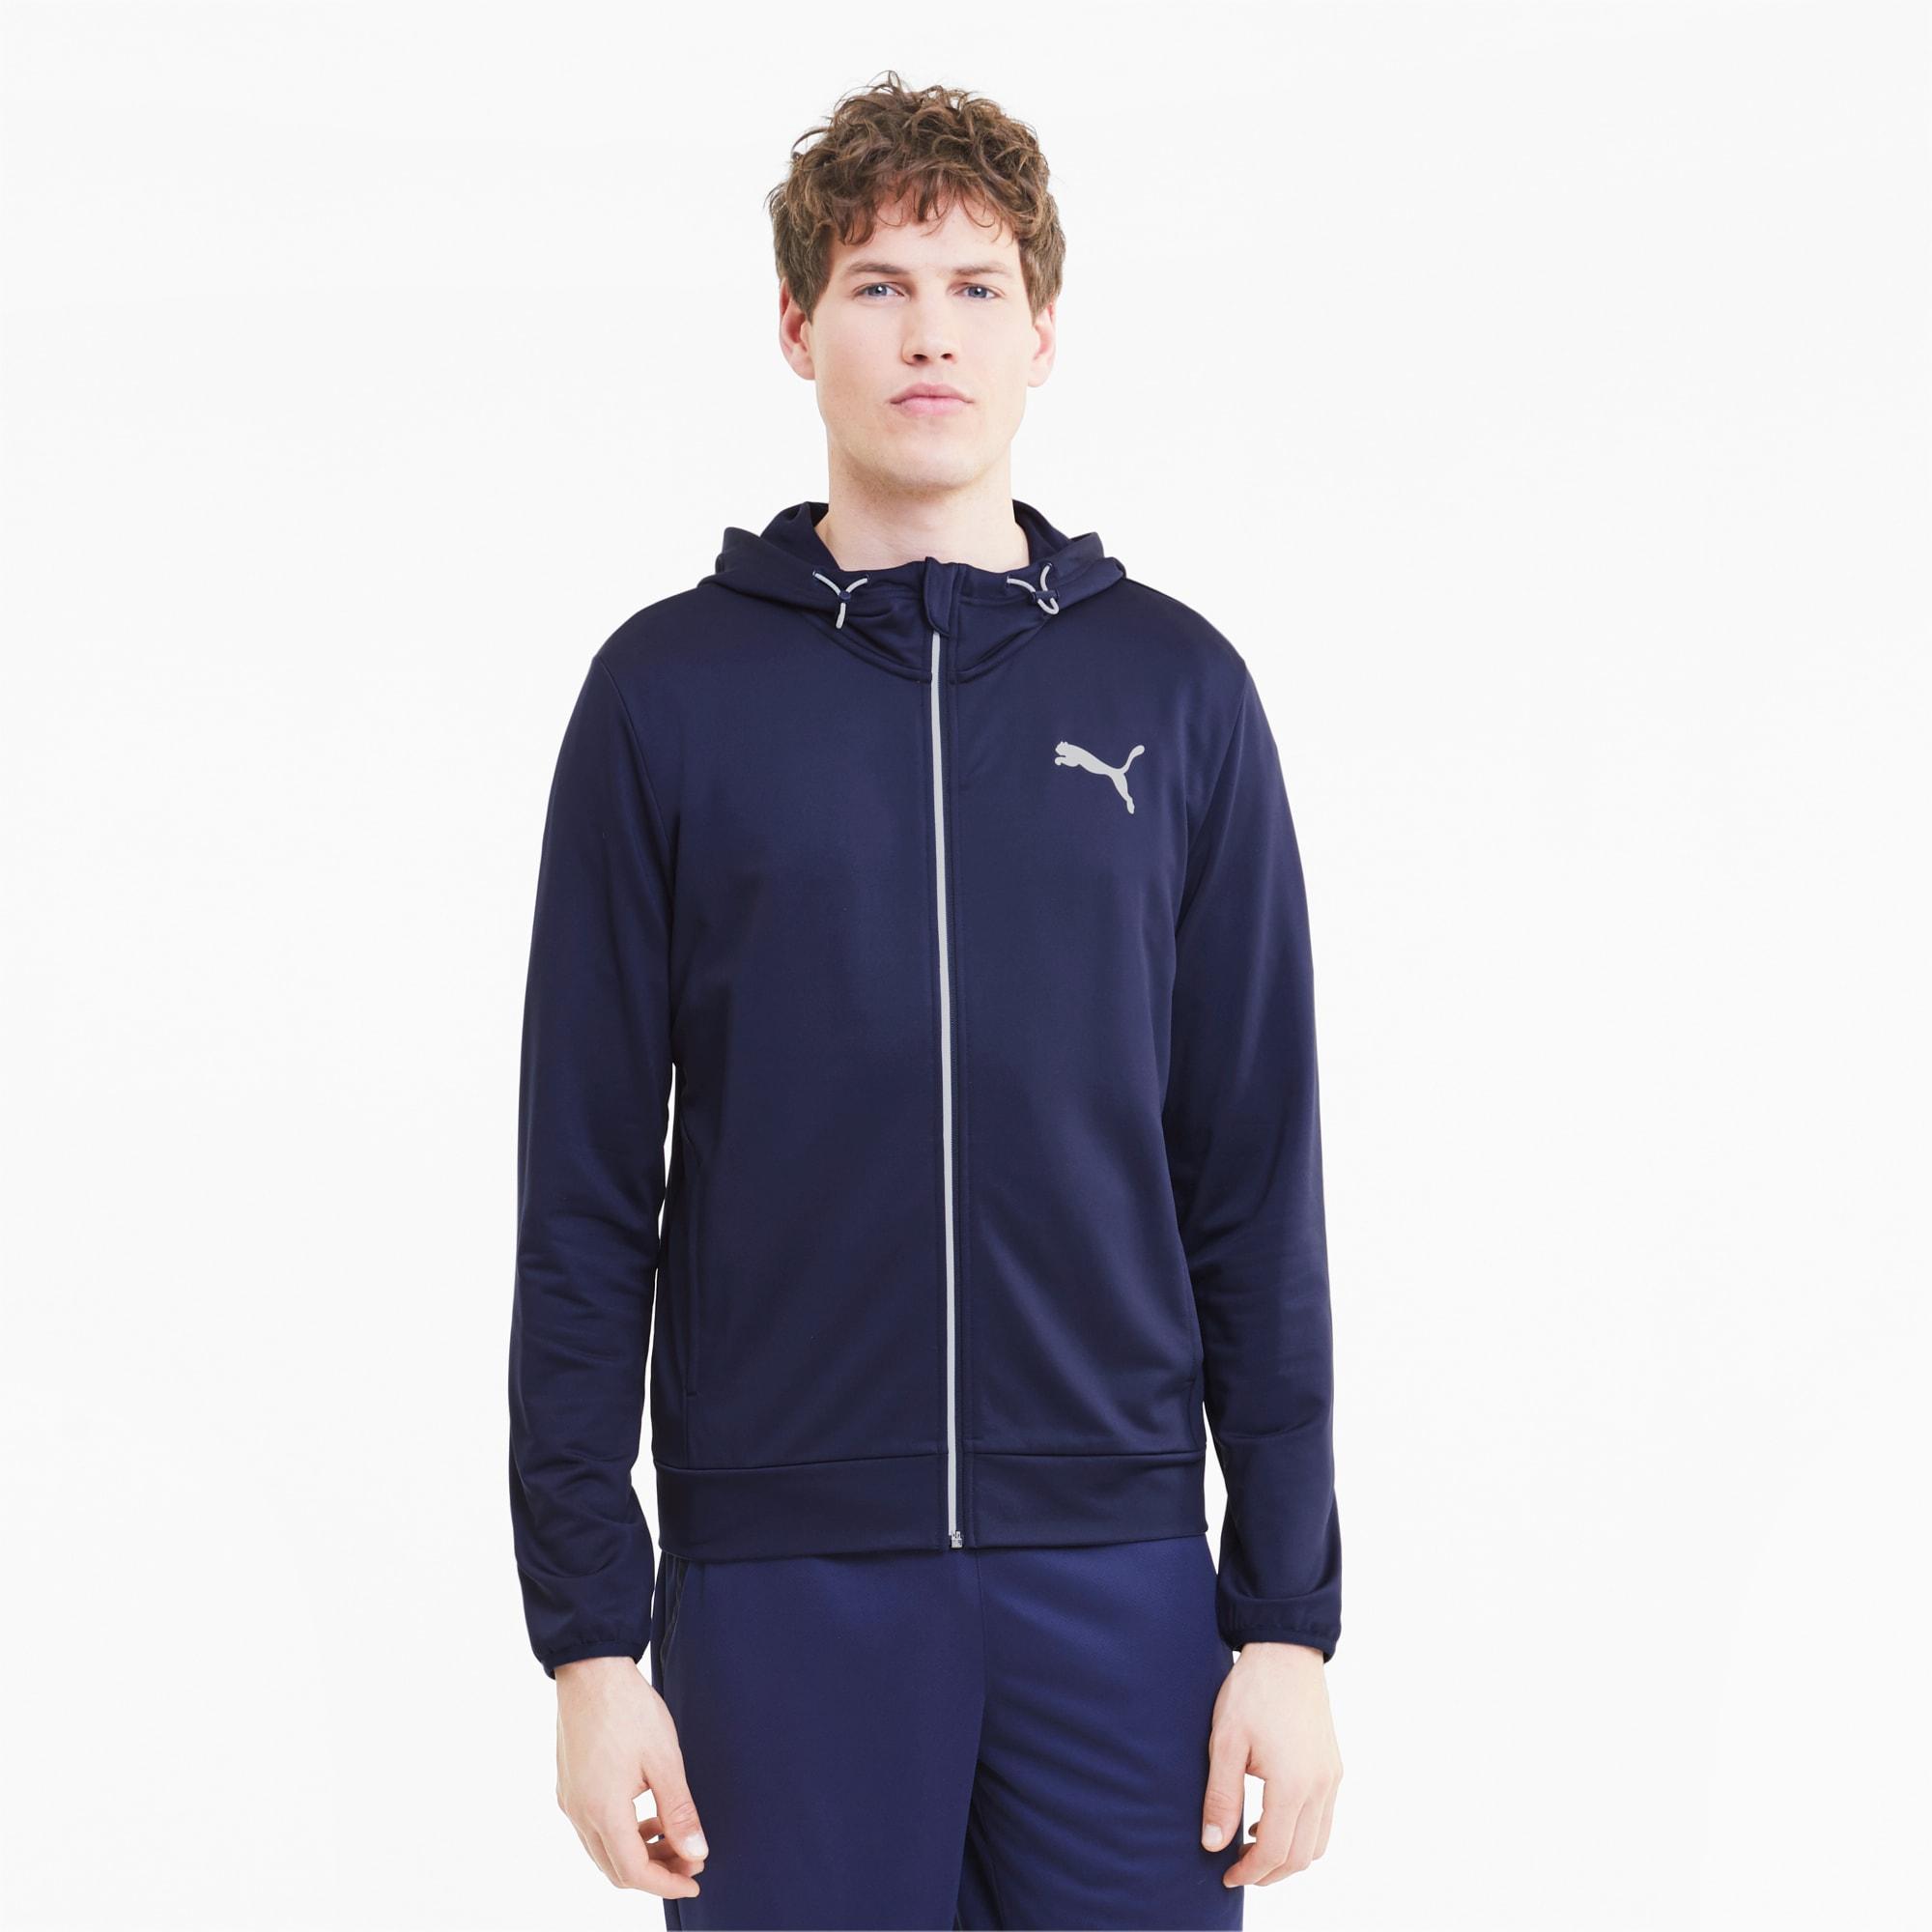 blouson en sweat avec capuche pour homme, bleu, taille s, vêtements